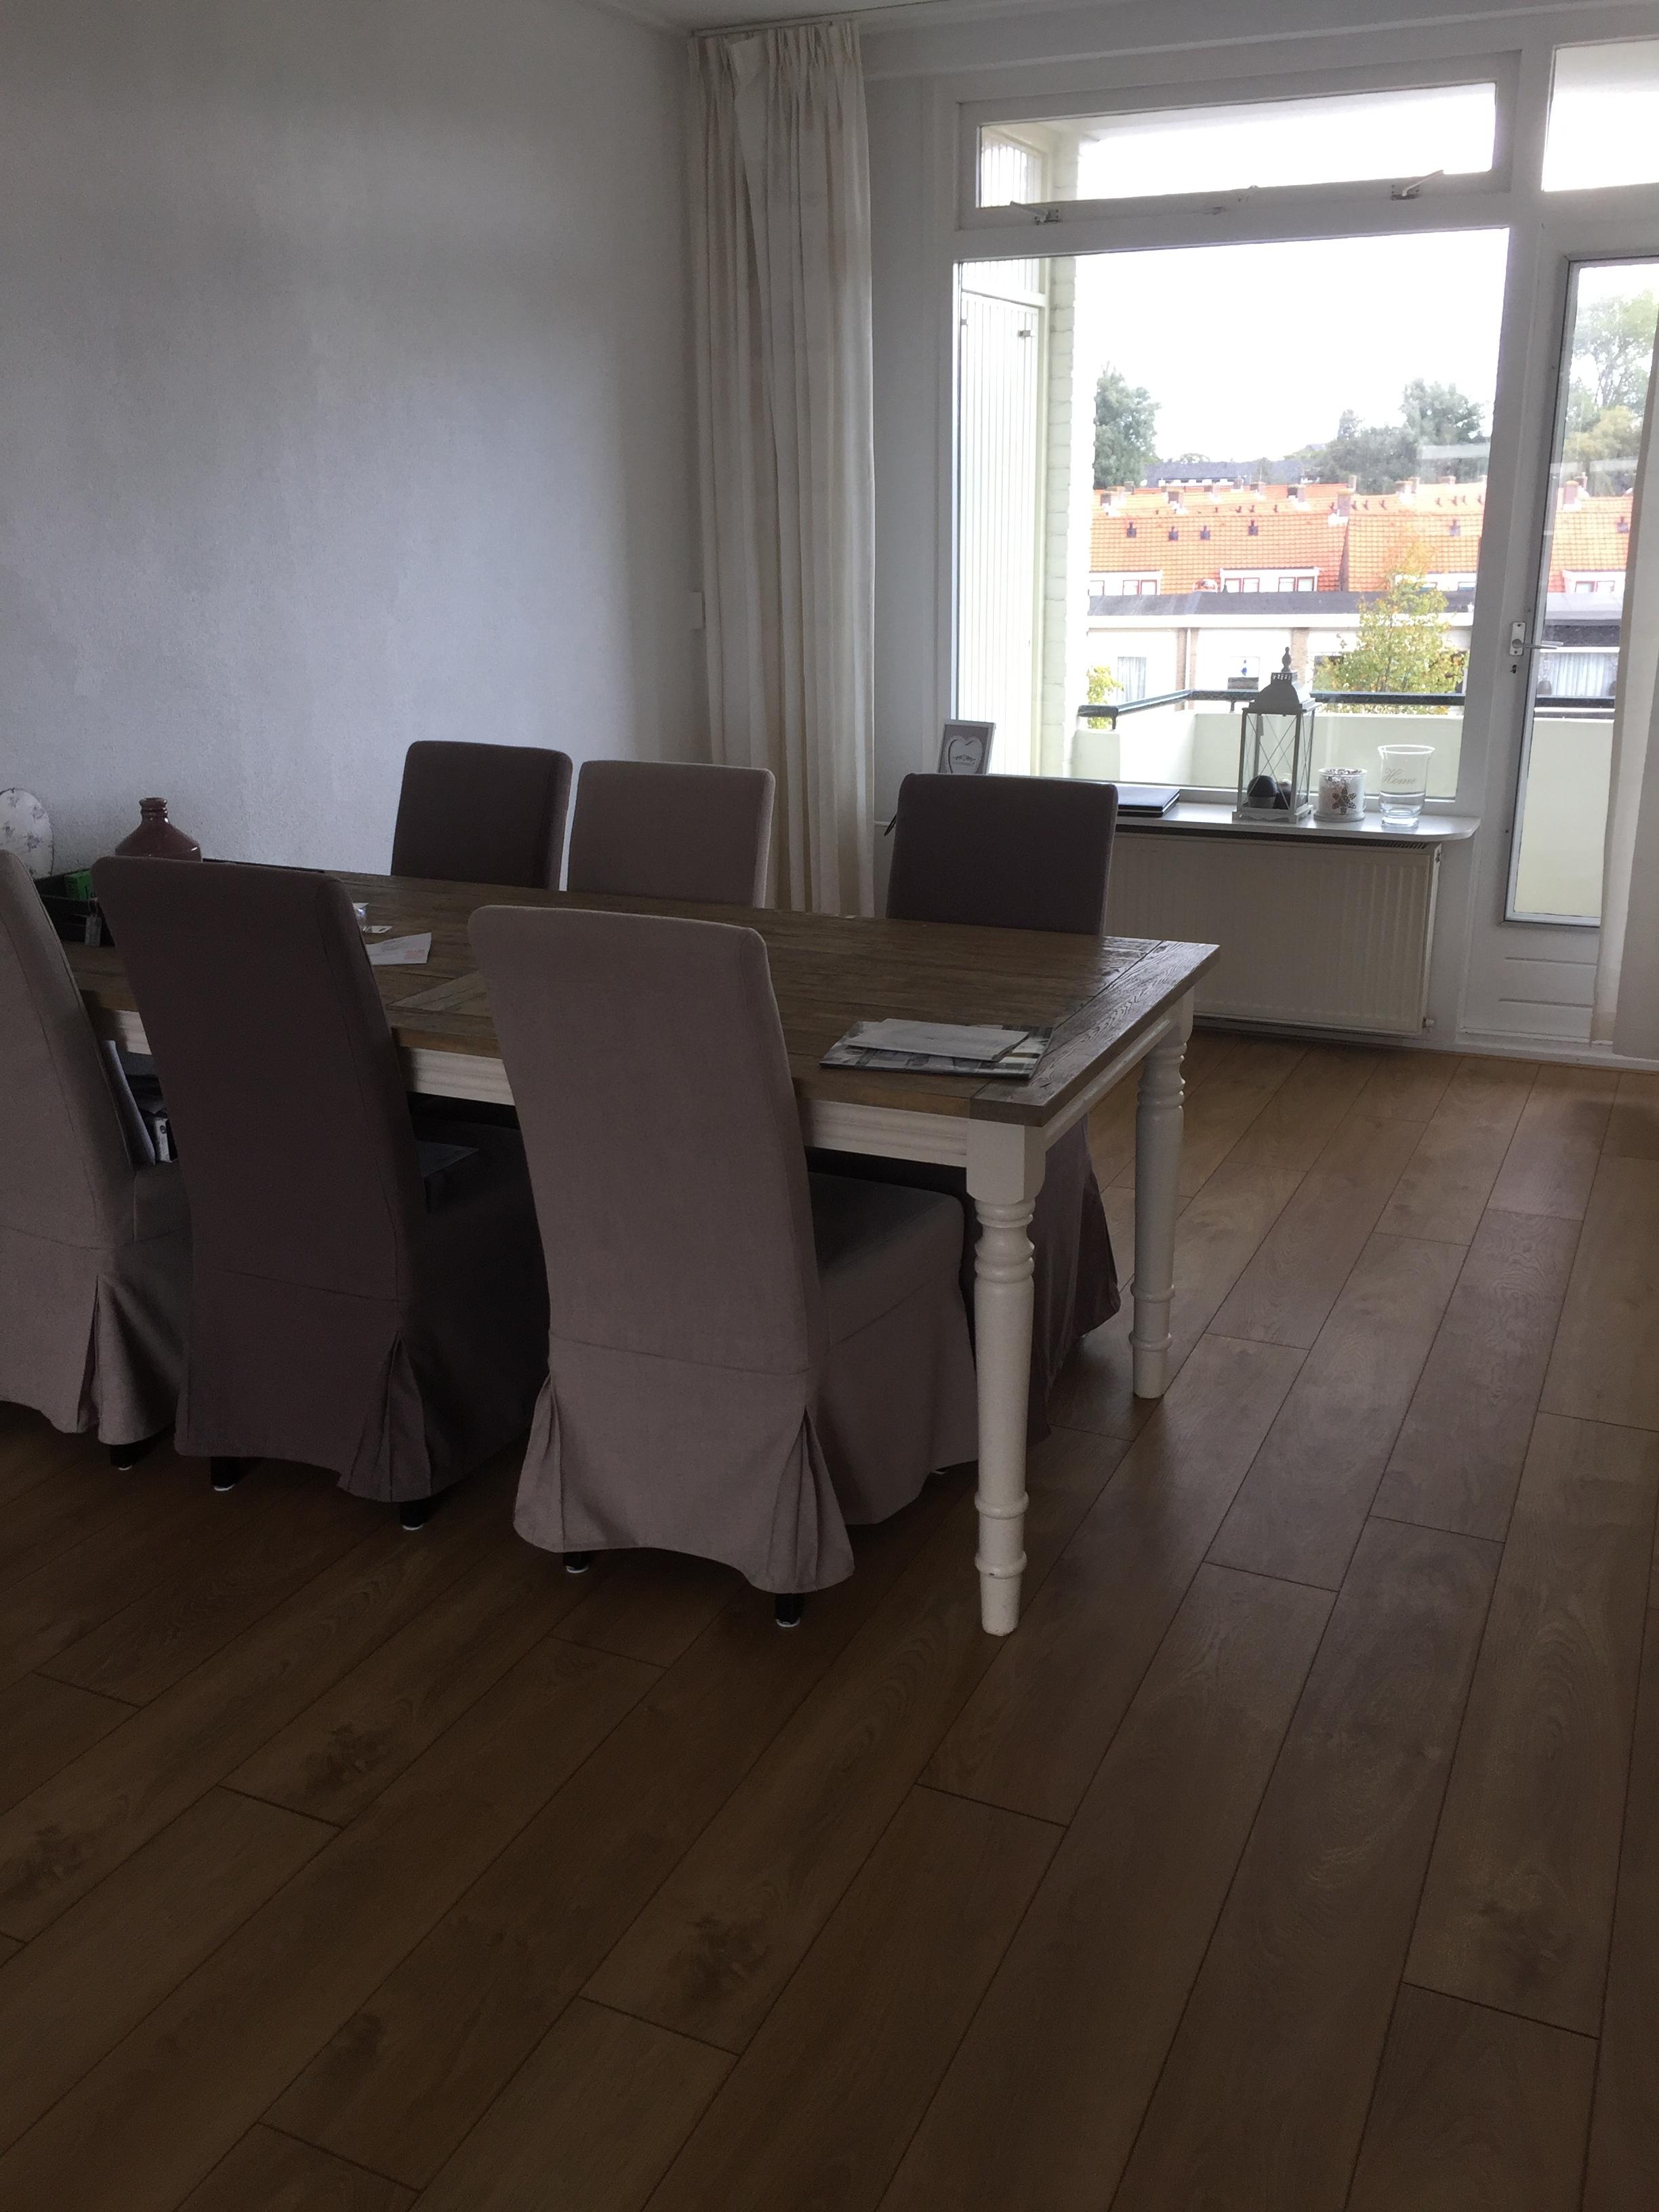 Show je woonkamer - Wonen - Forum Feminarum